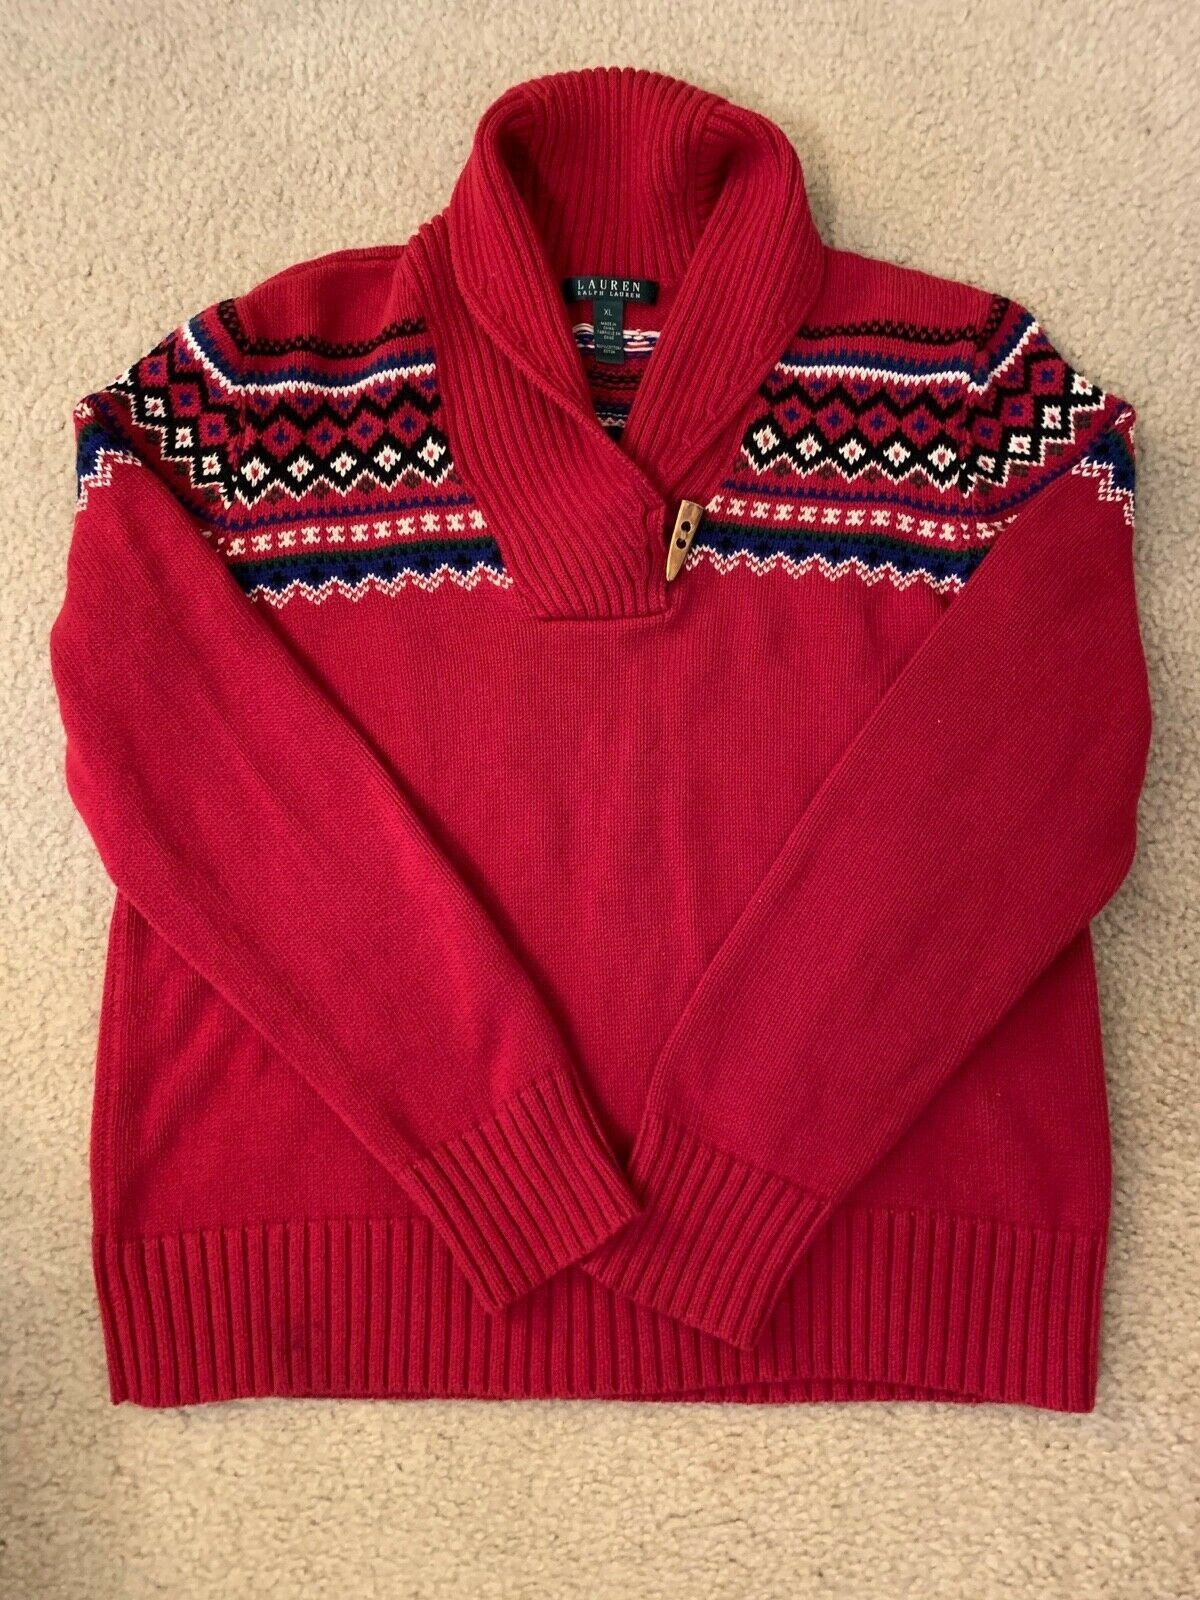 Lauren Ralph Lauren Classic Red Sweater - image 1